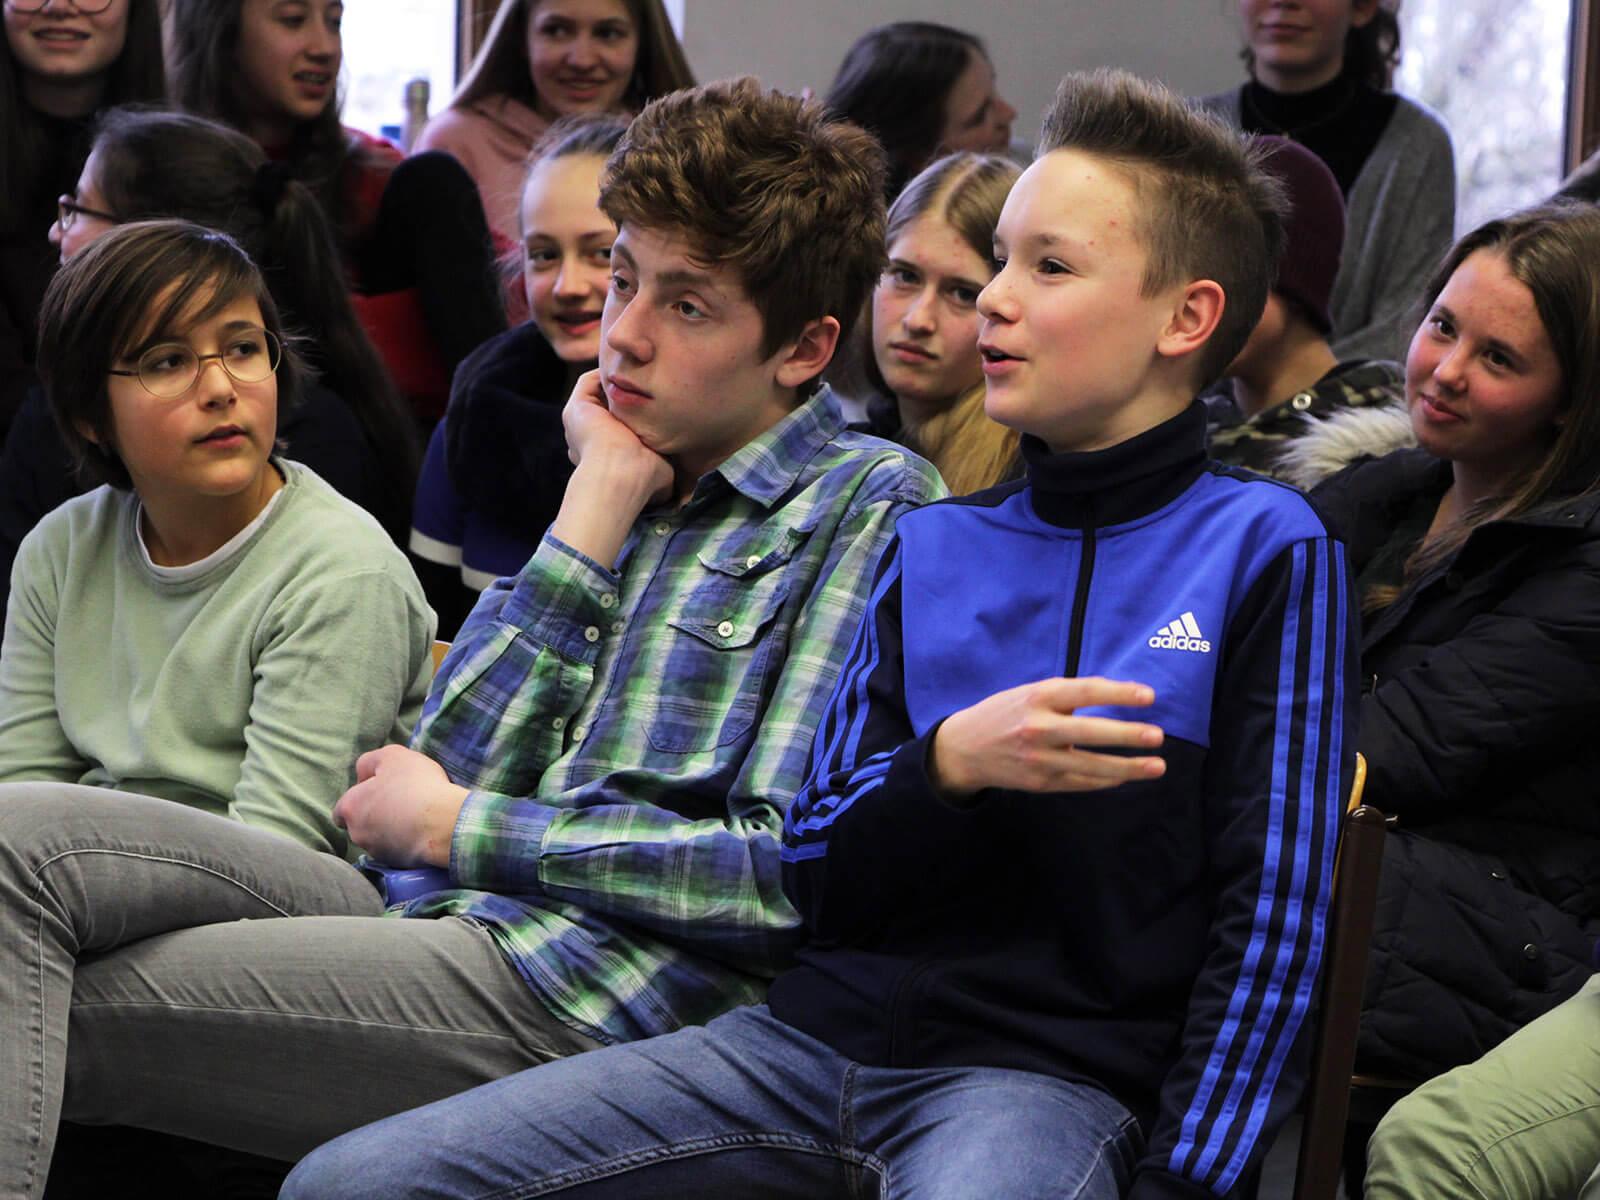 """Die jungen Zuschauer waren bei der Premiere von """"Huck Finn"""" konzentriert dabei und brachten sich intensiv in die Nachbesprechung ein."""